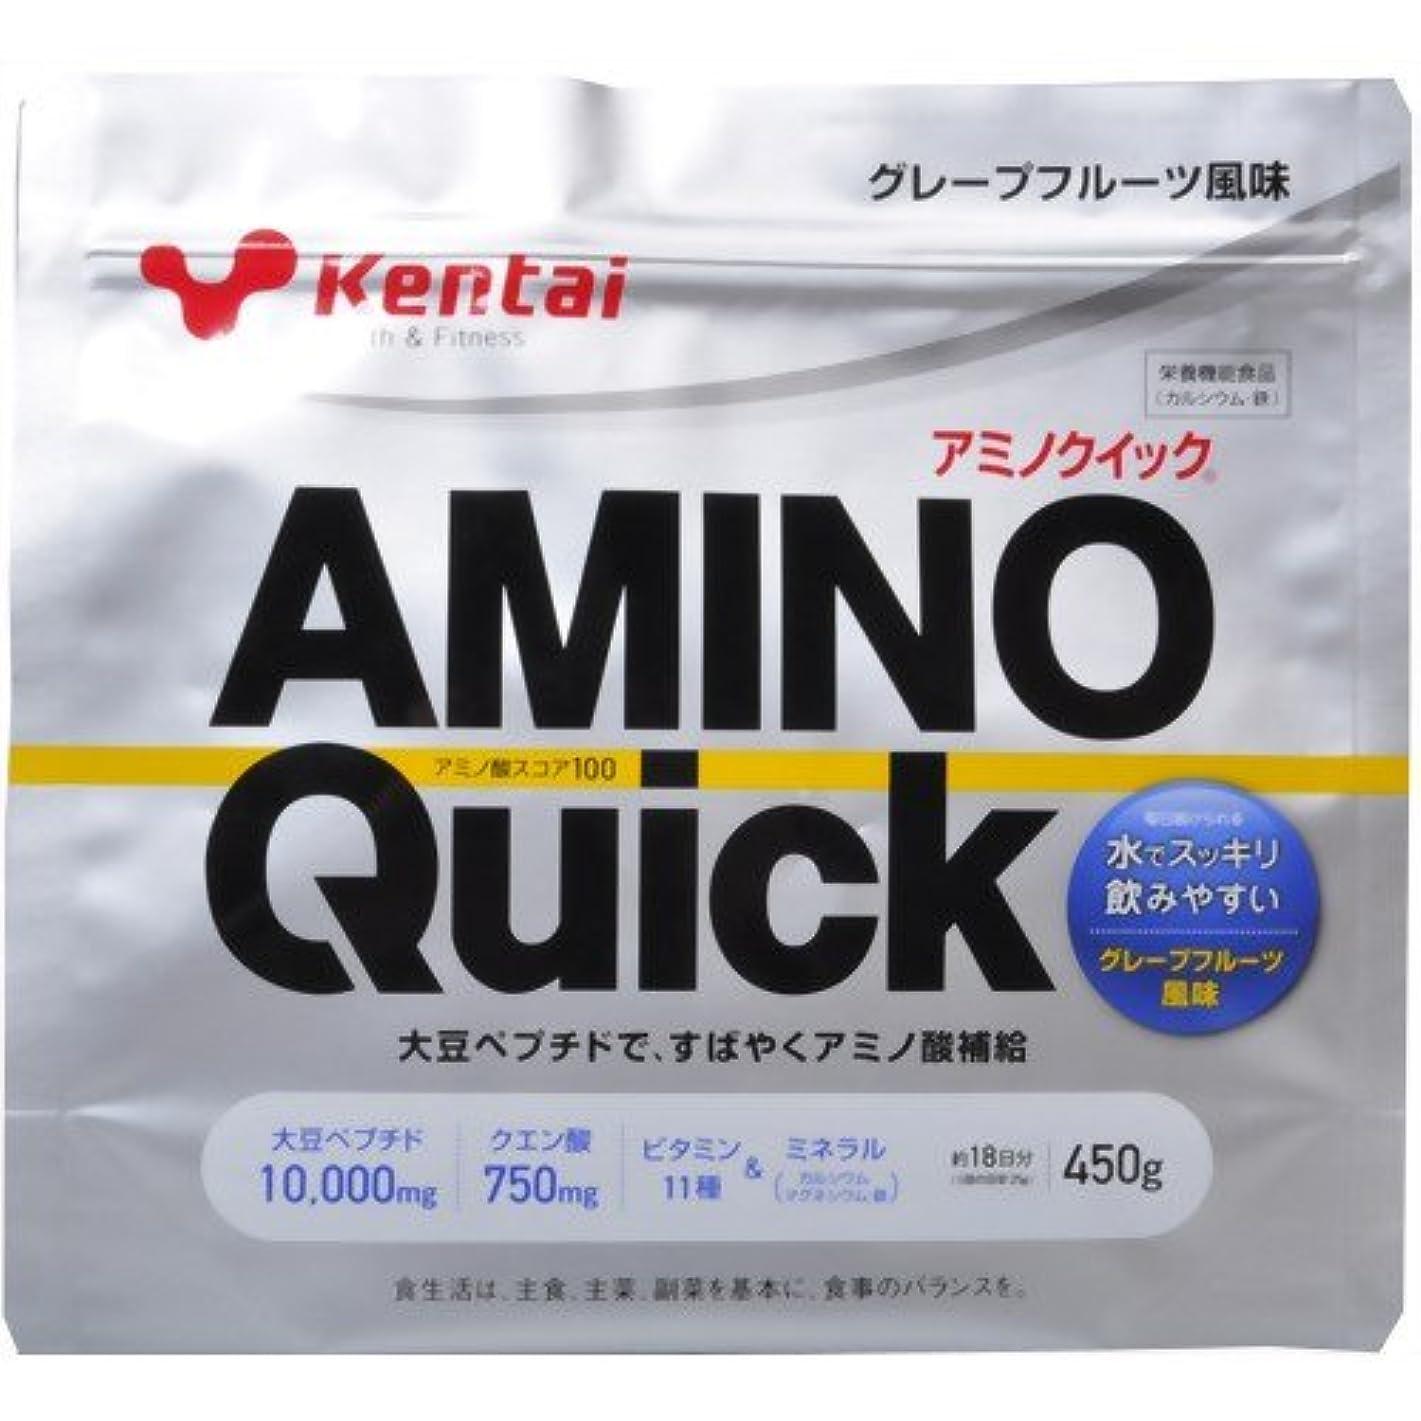 異邦人つまらないレビュアーKentai(ケンタイ) アミノクイック(大豆ペプチド) グレープフルーツ風味 450g